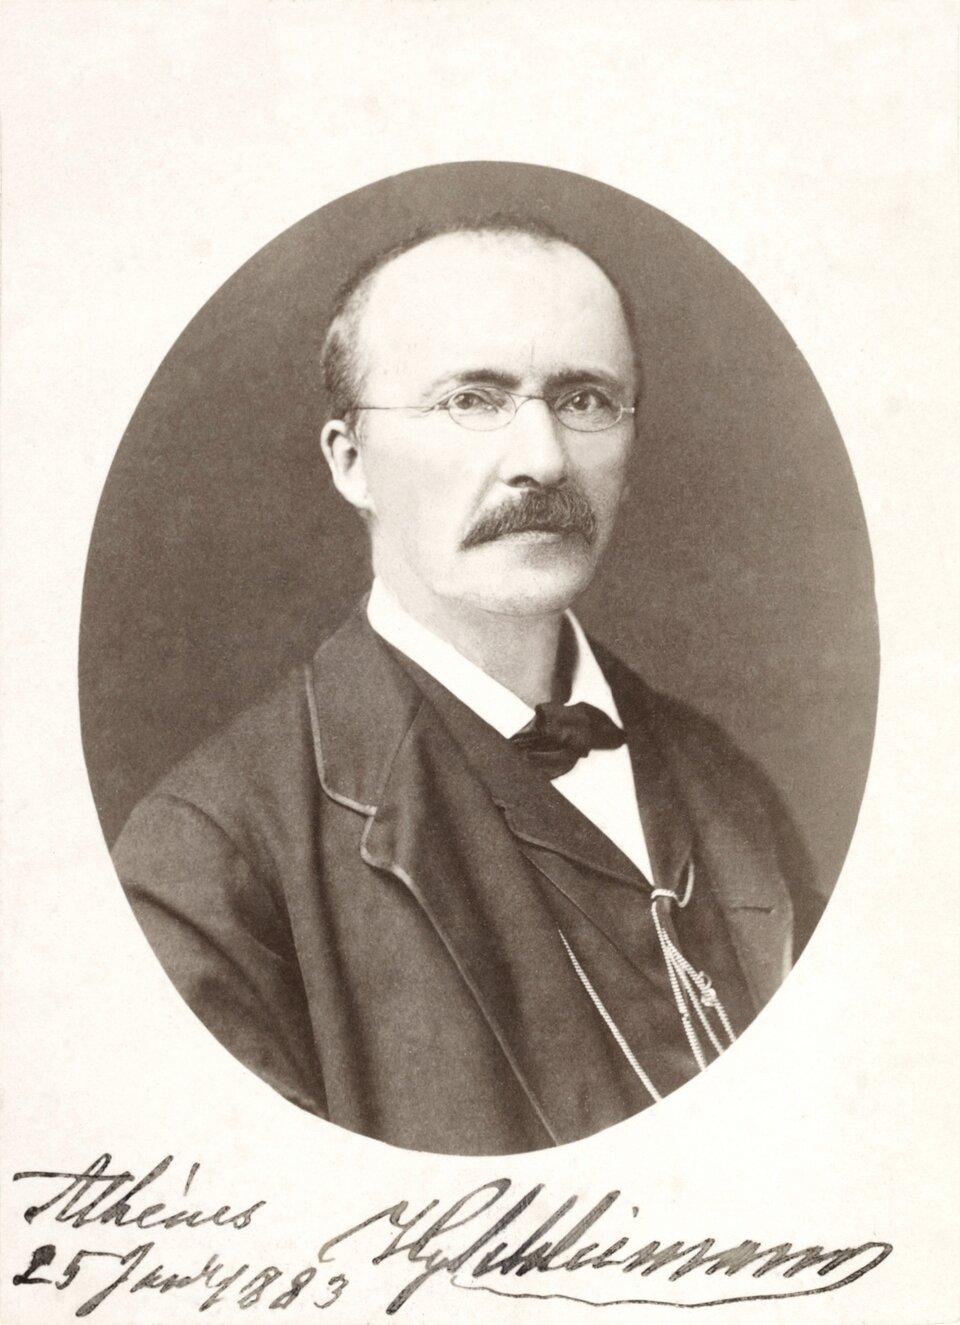 Heinrich Schliemann Heinrich Schliemann Źródło: ok. 1883, zdjęcie czarno-białe, Biblioteka Narodowa, Francja, domena publiczna.